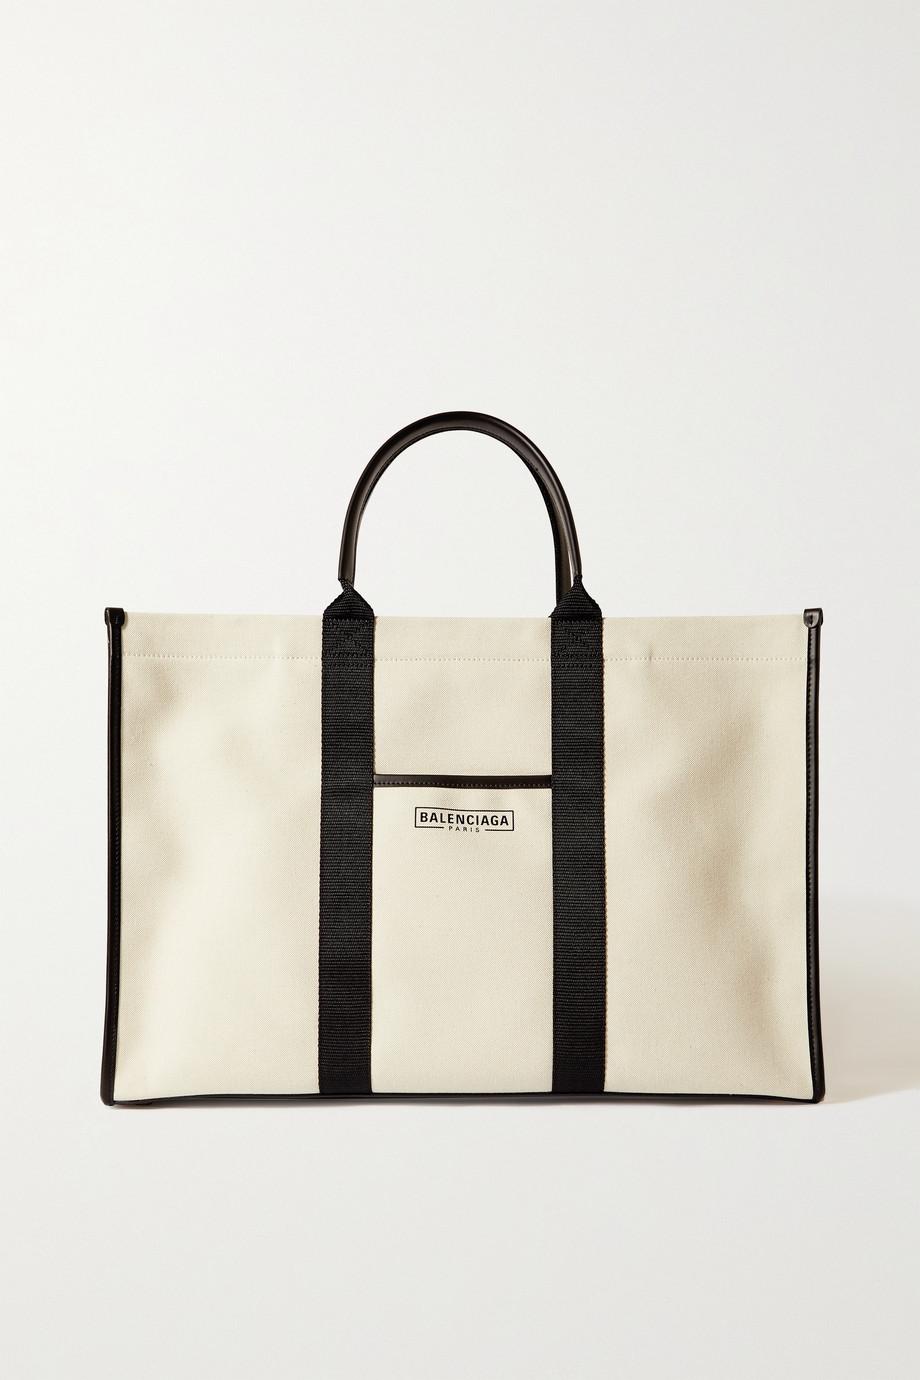 Balenciaga Sac à main en toile de coton biologique imprimée à finitions en cuir Neo Navy Large